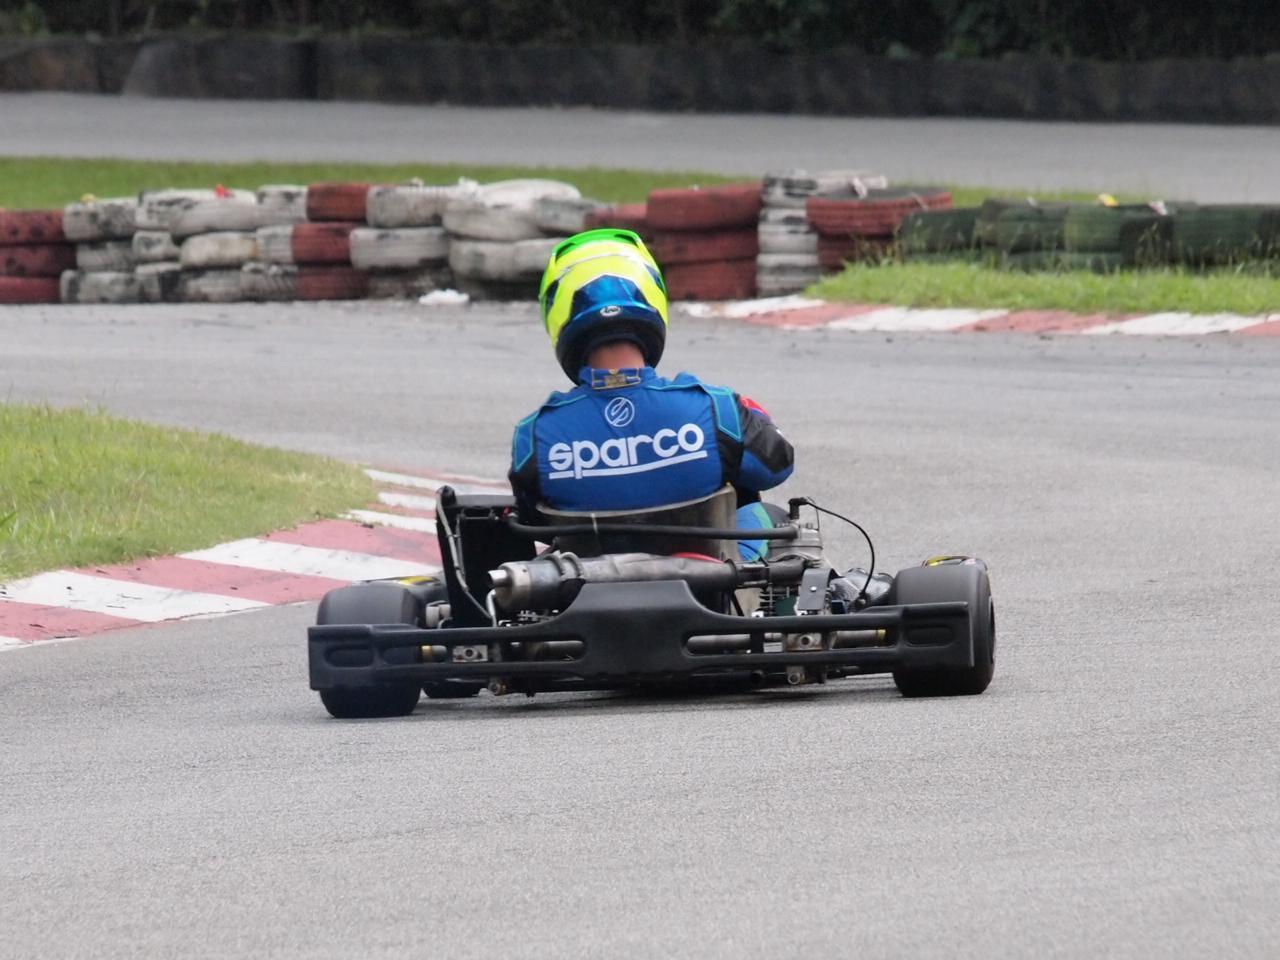 Piloto de Kart